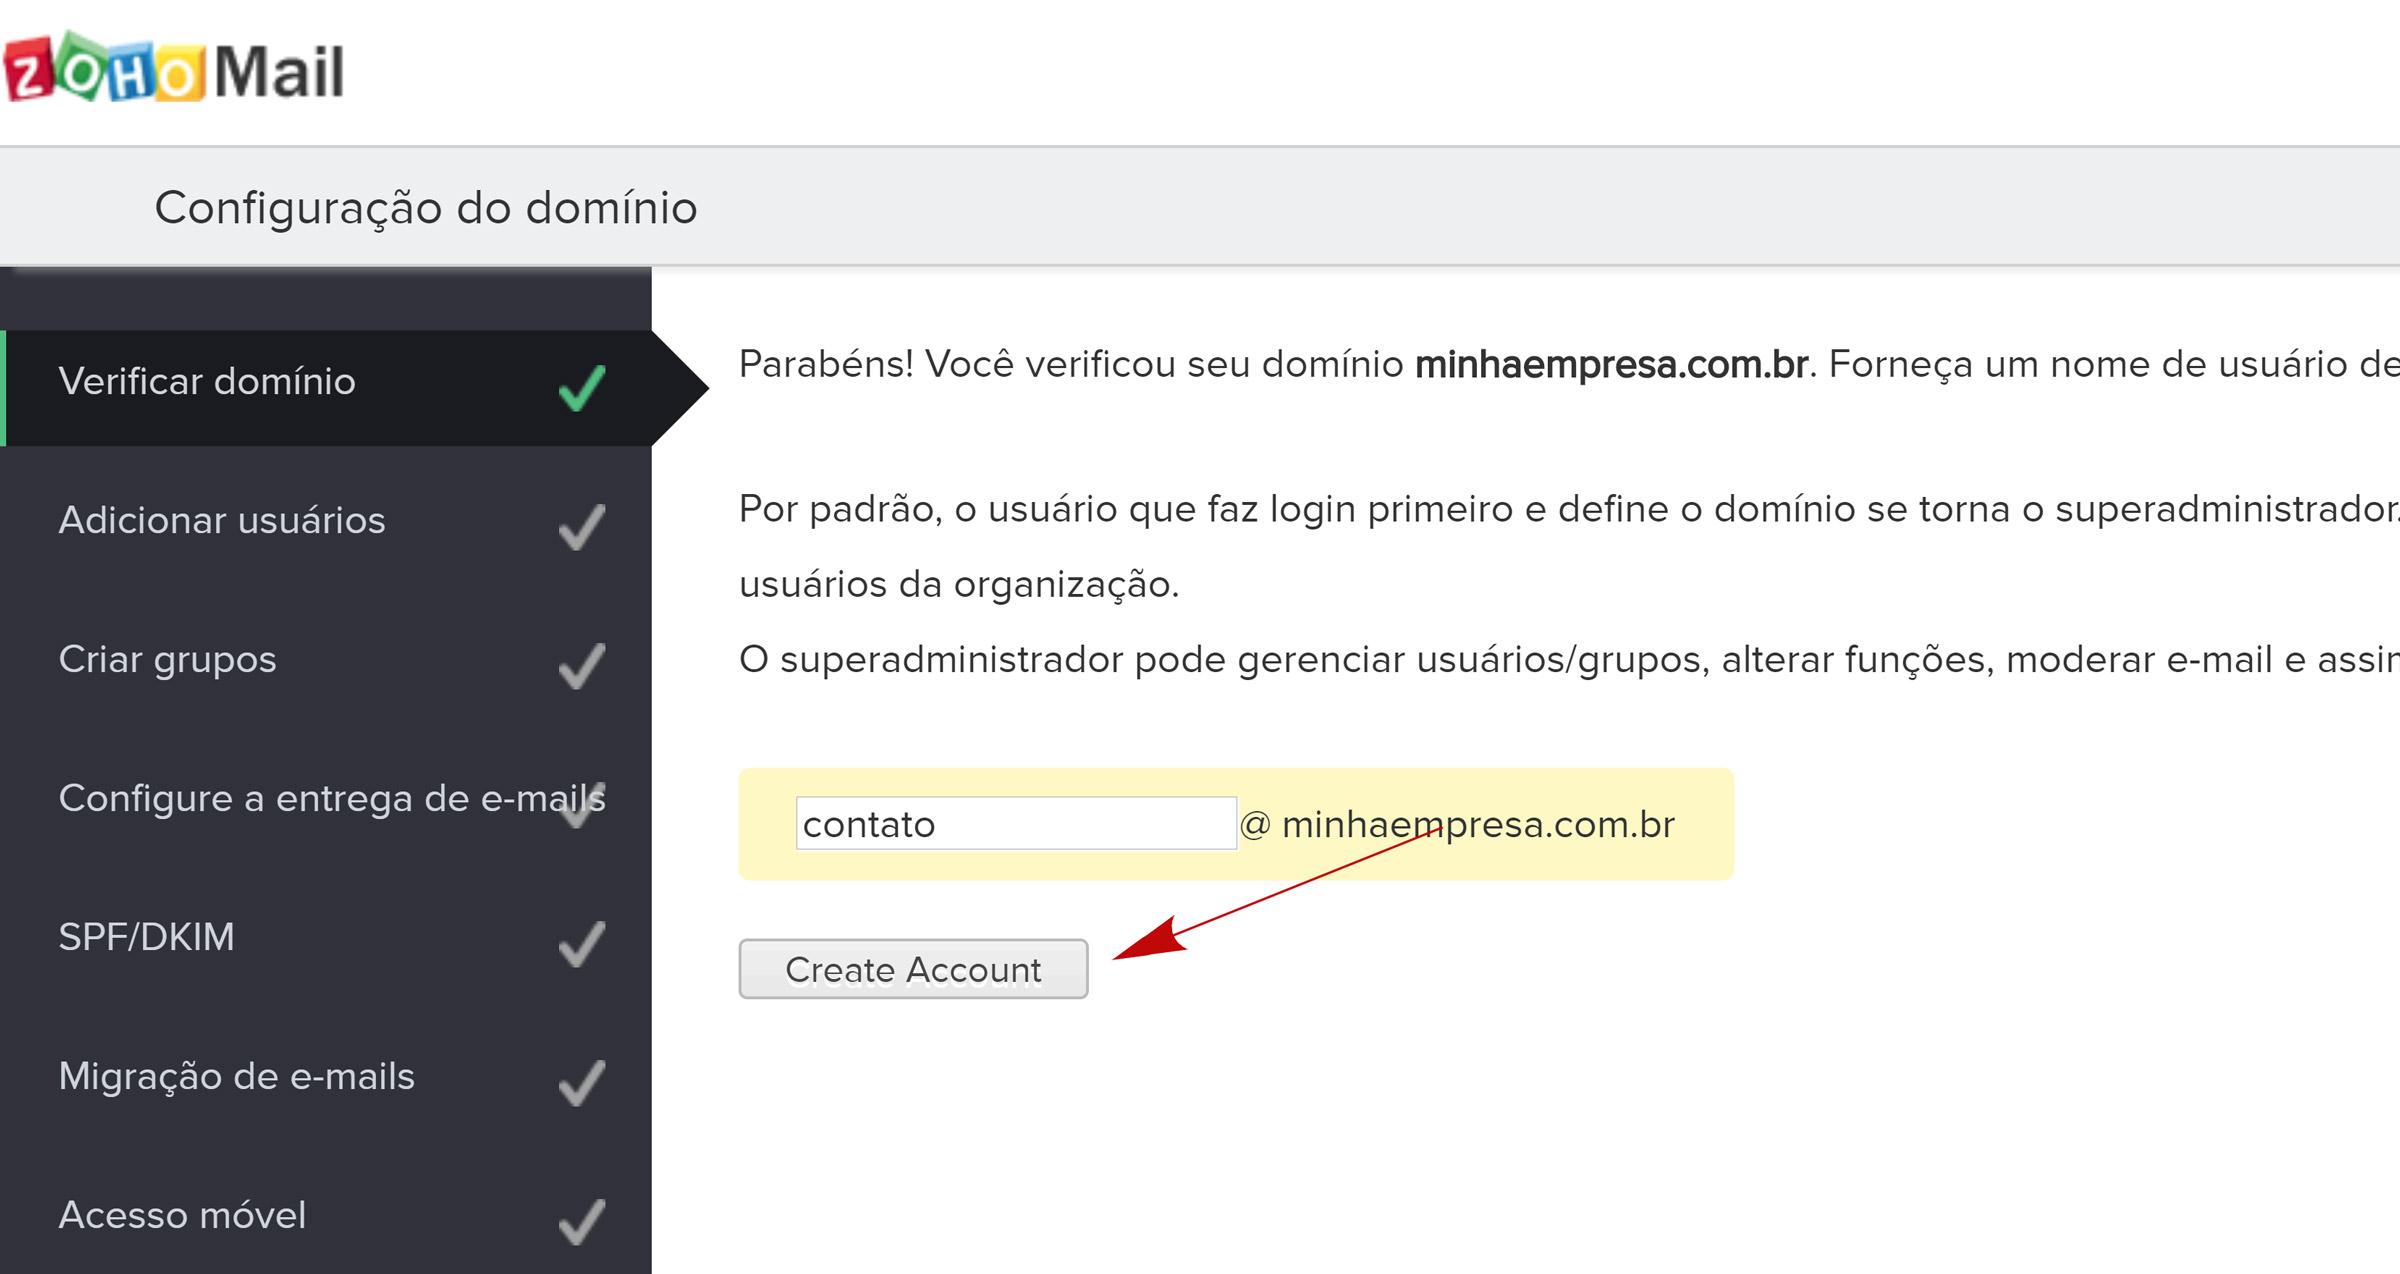 zoho mail criar conta de email